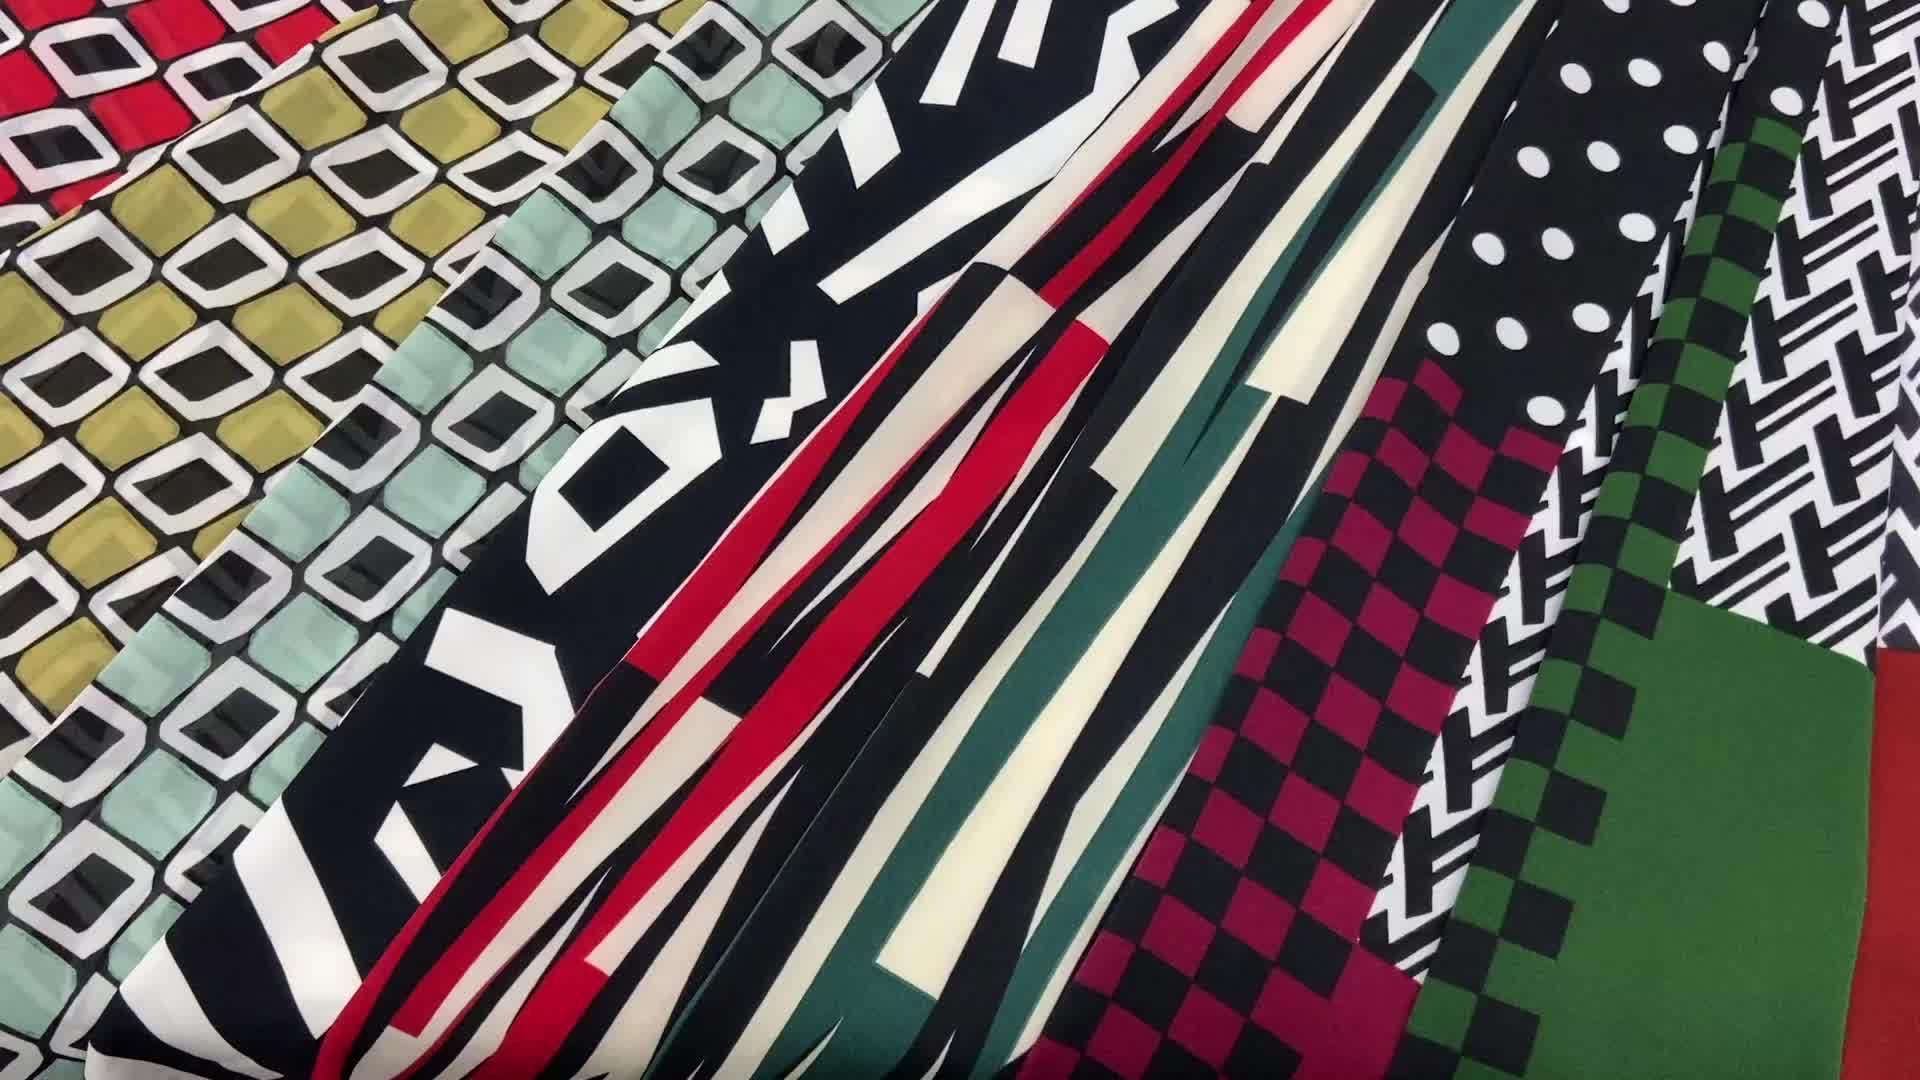 Shaoxing Textile couleur assortie en mousseline de soie tissée cercle géométrique impression tissu